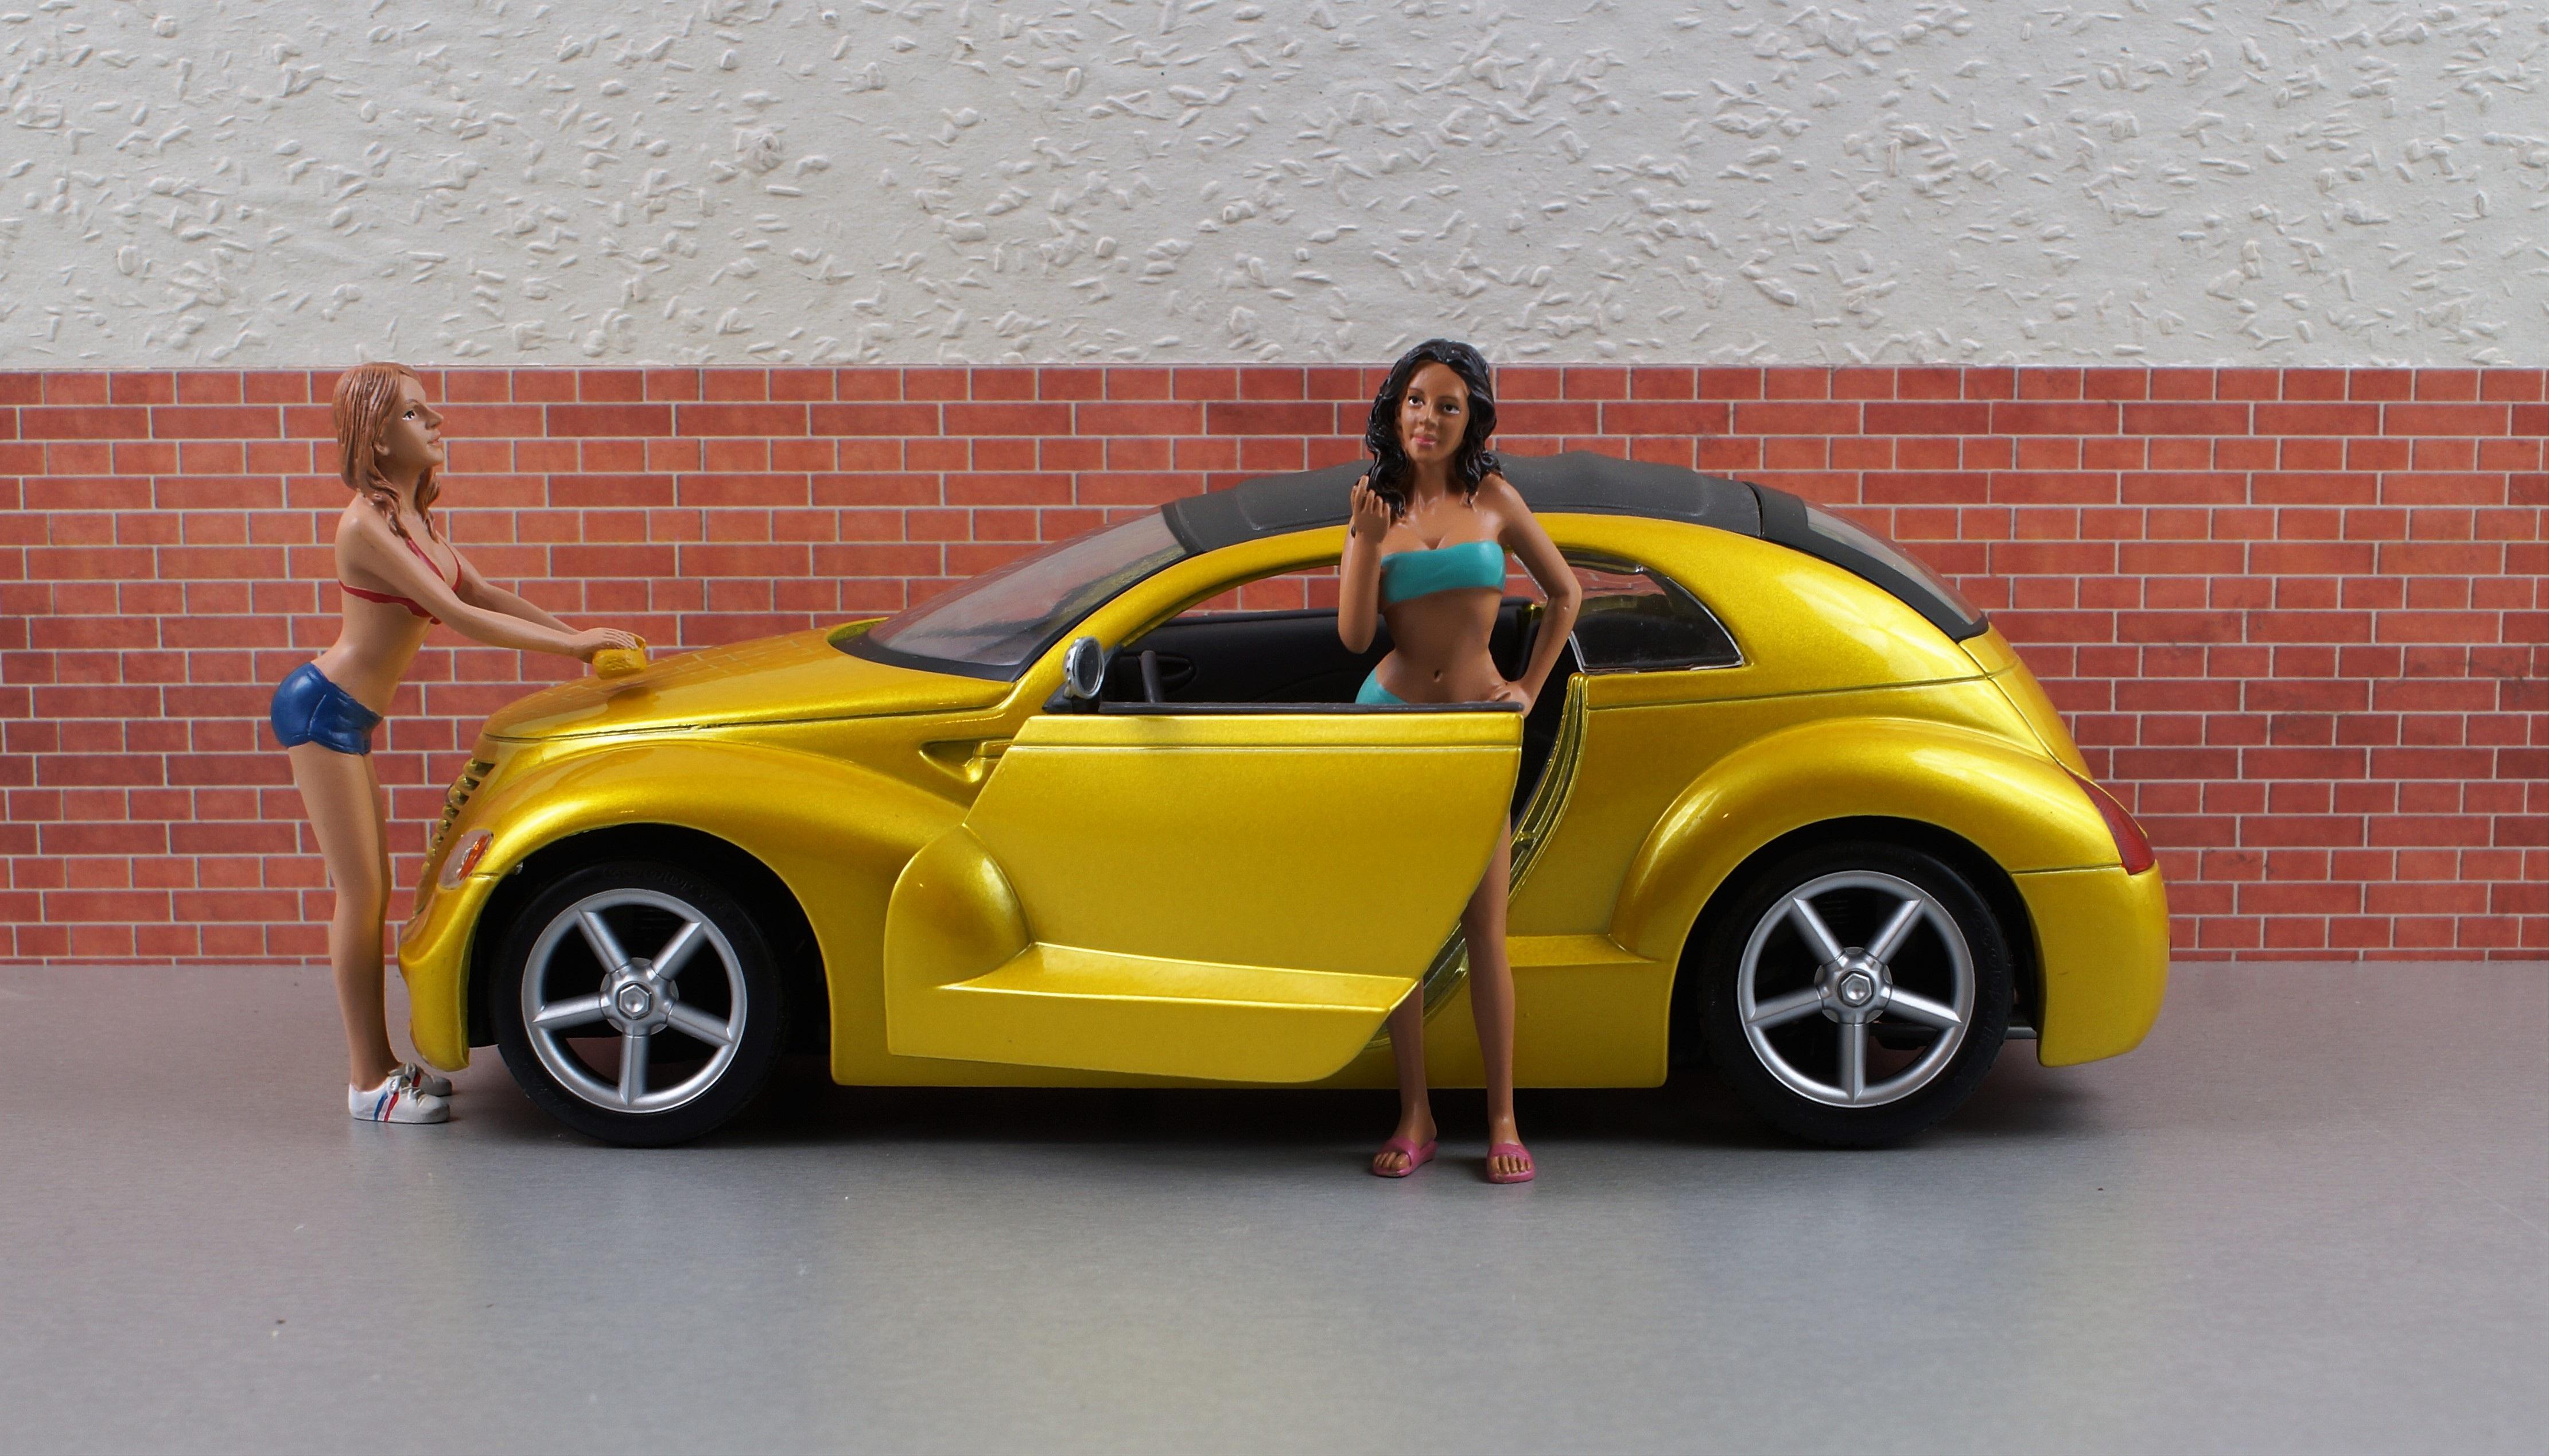 Fotos Gratis Rueda Antiguo Veh 237 Culo Bikini Coche